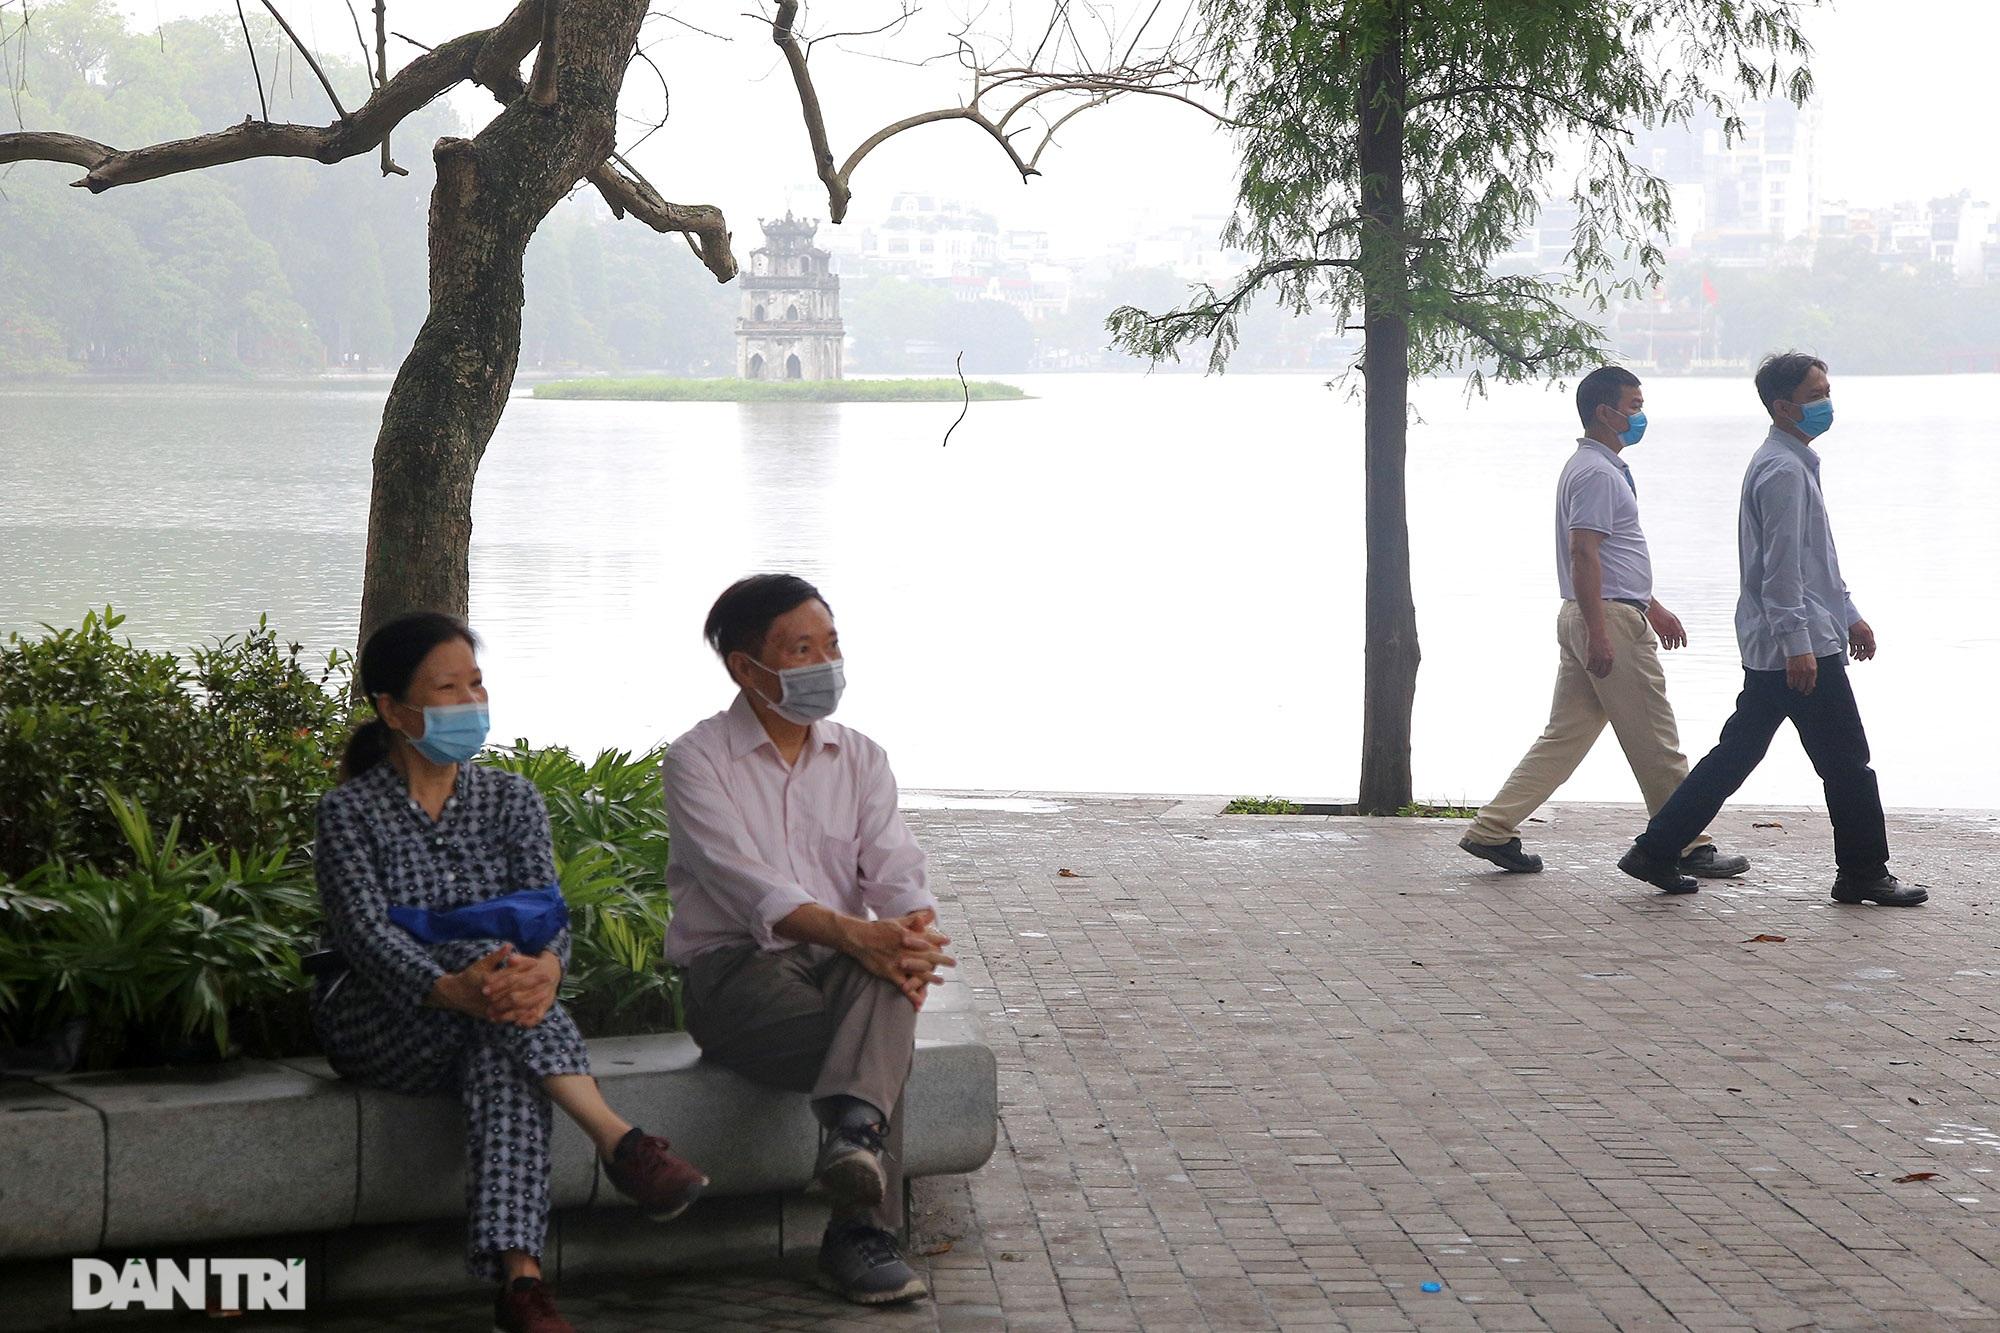 Lo ngại dịch bệnh Covid-19 lây lan, người dân Hà Nội cố thủ trong nhà - 11